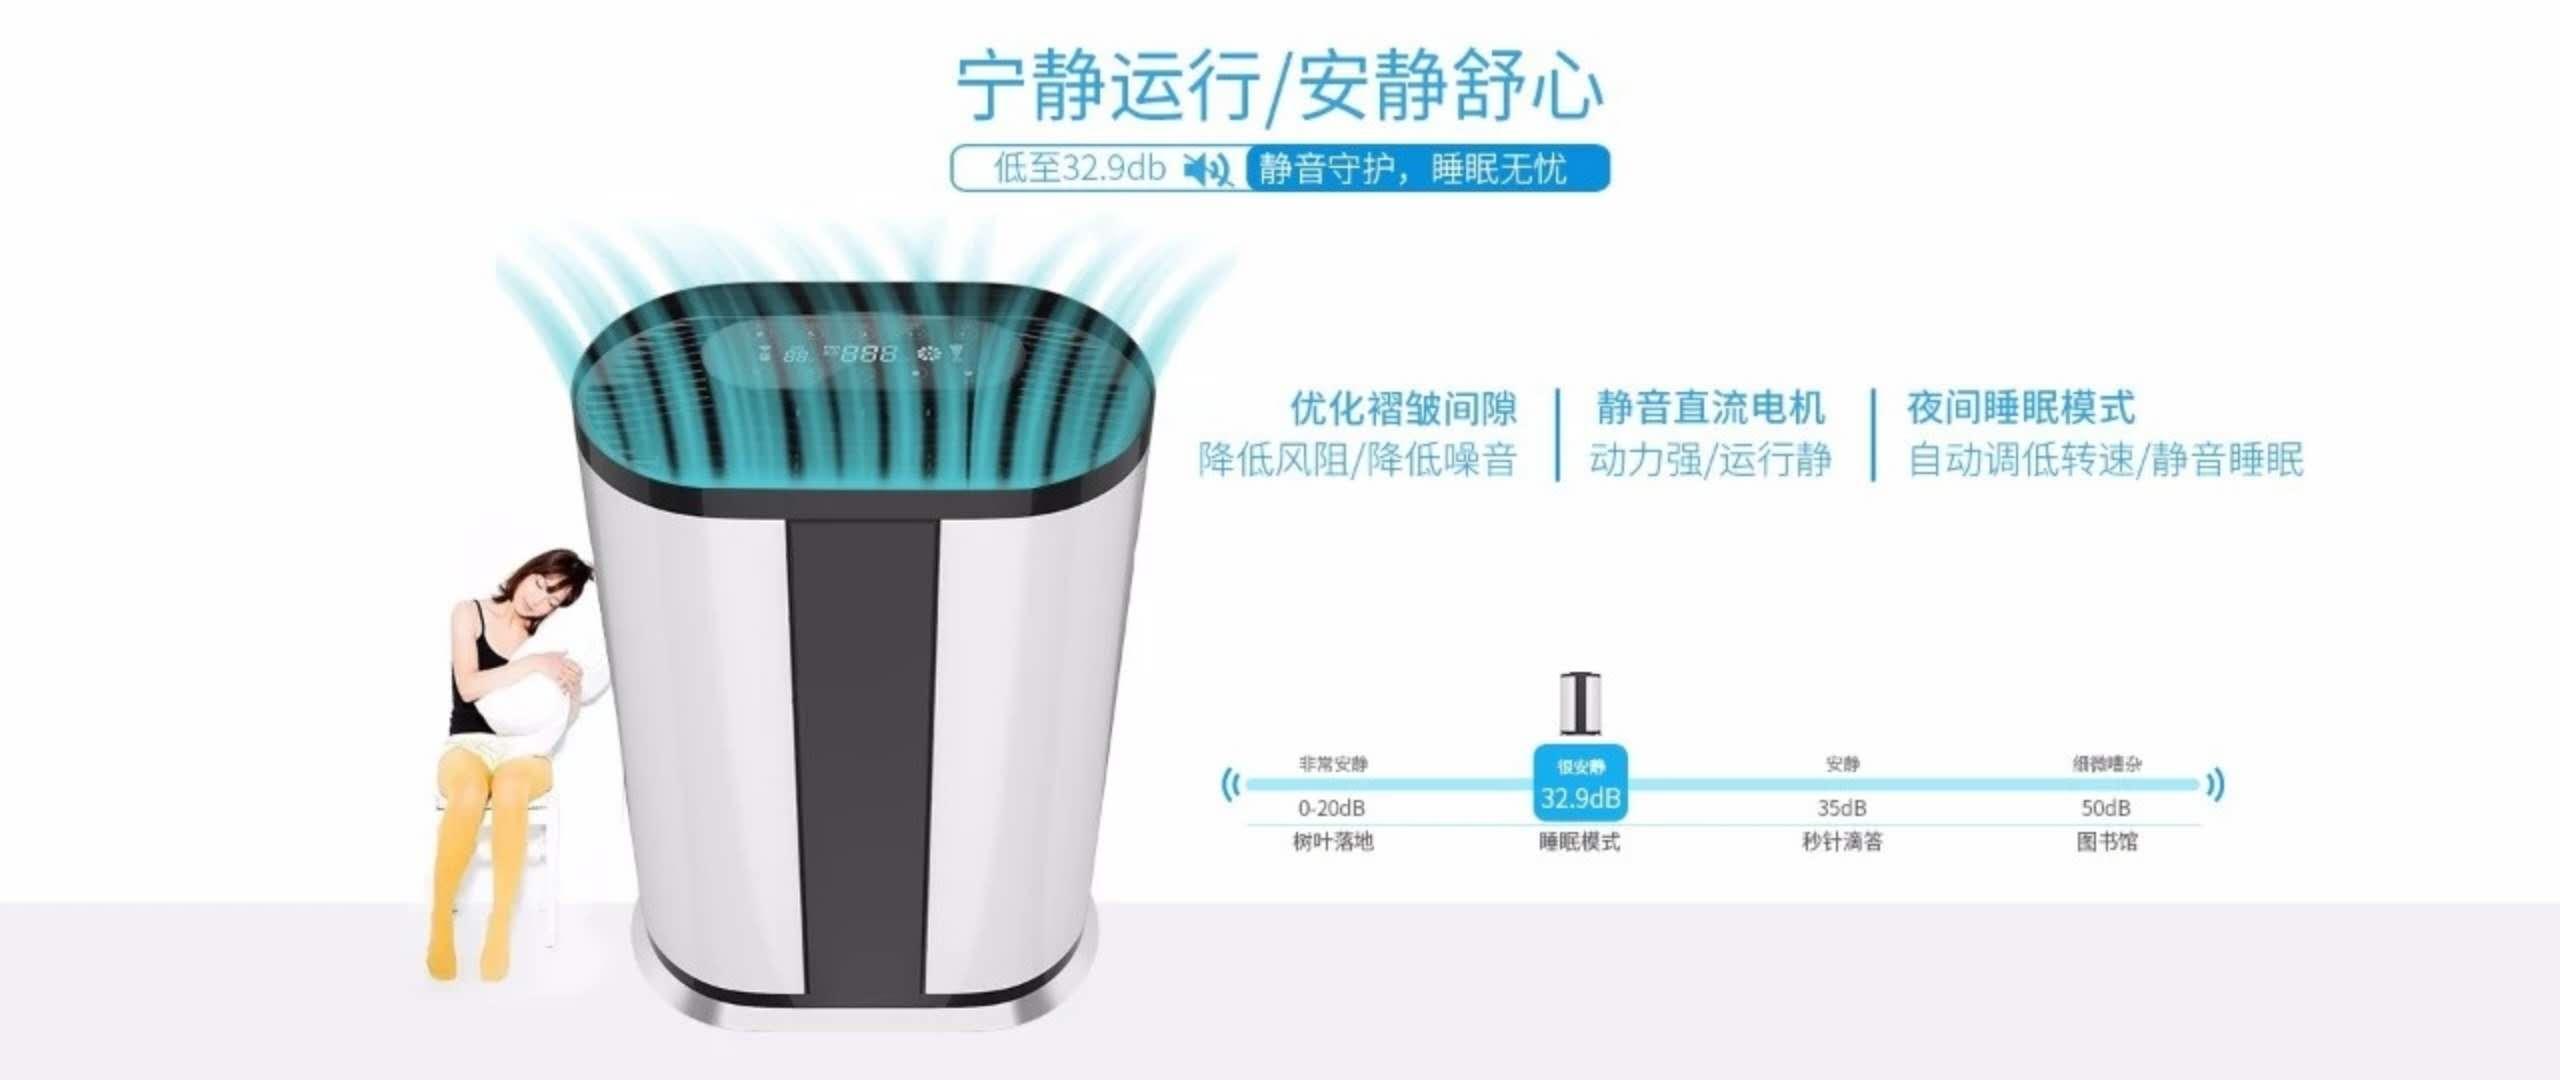 olansi k09 air purifier